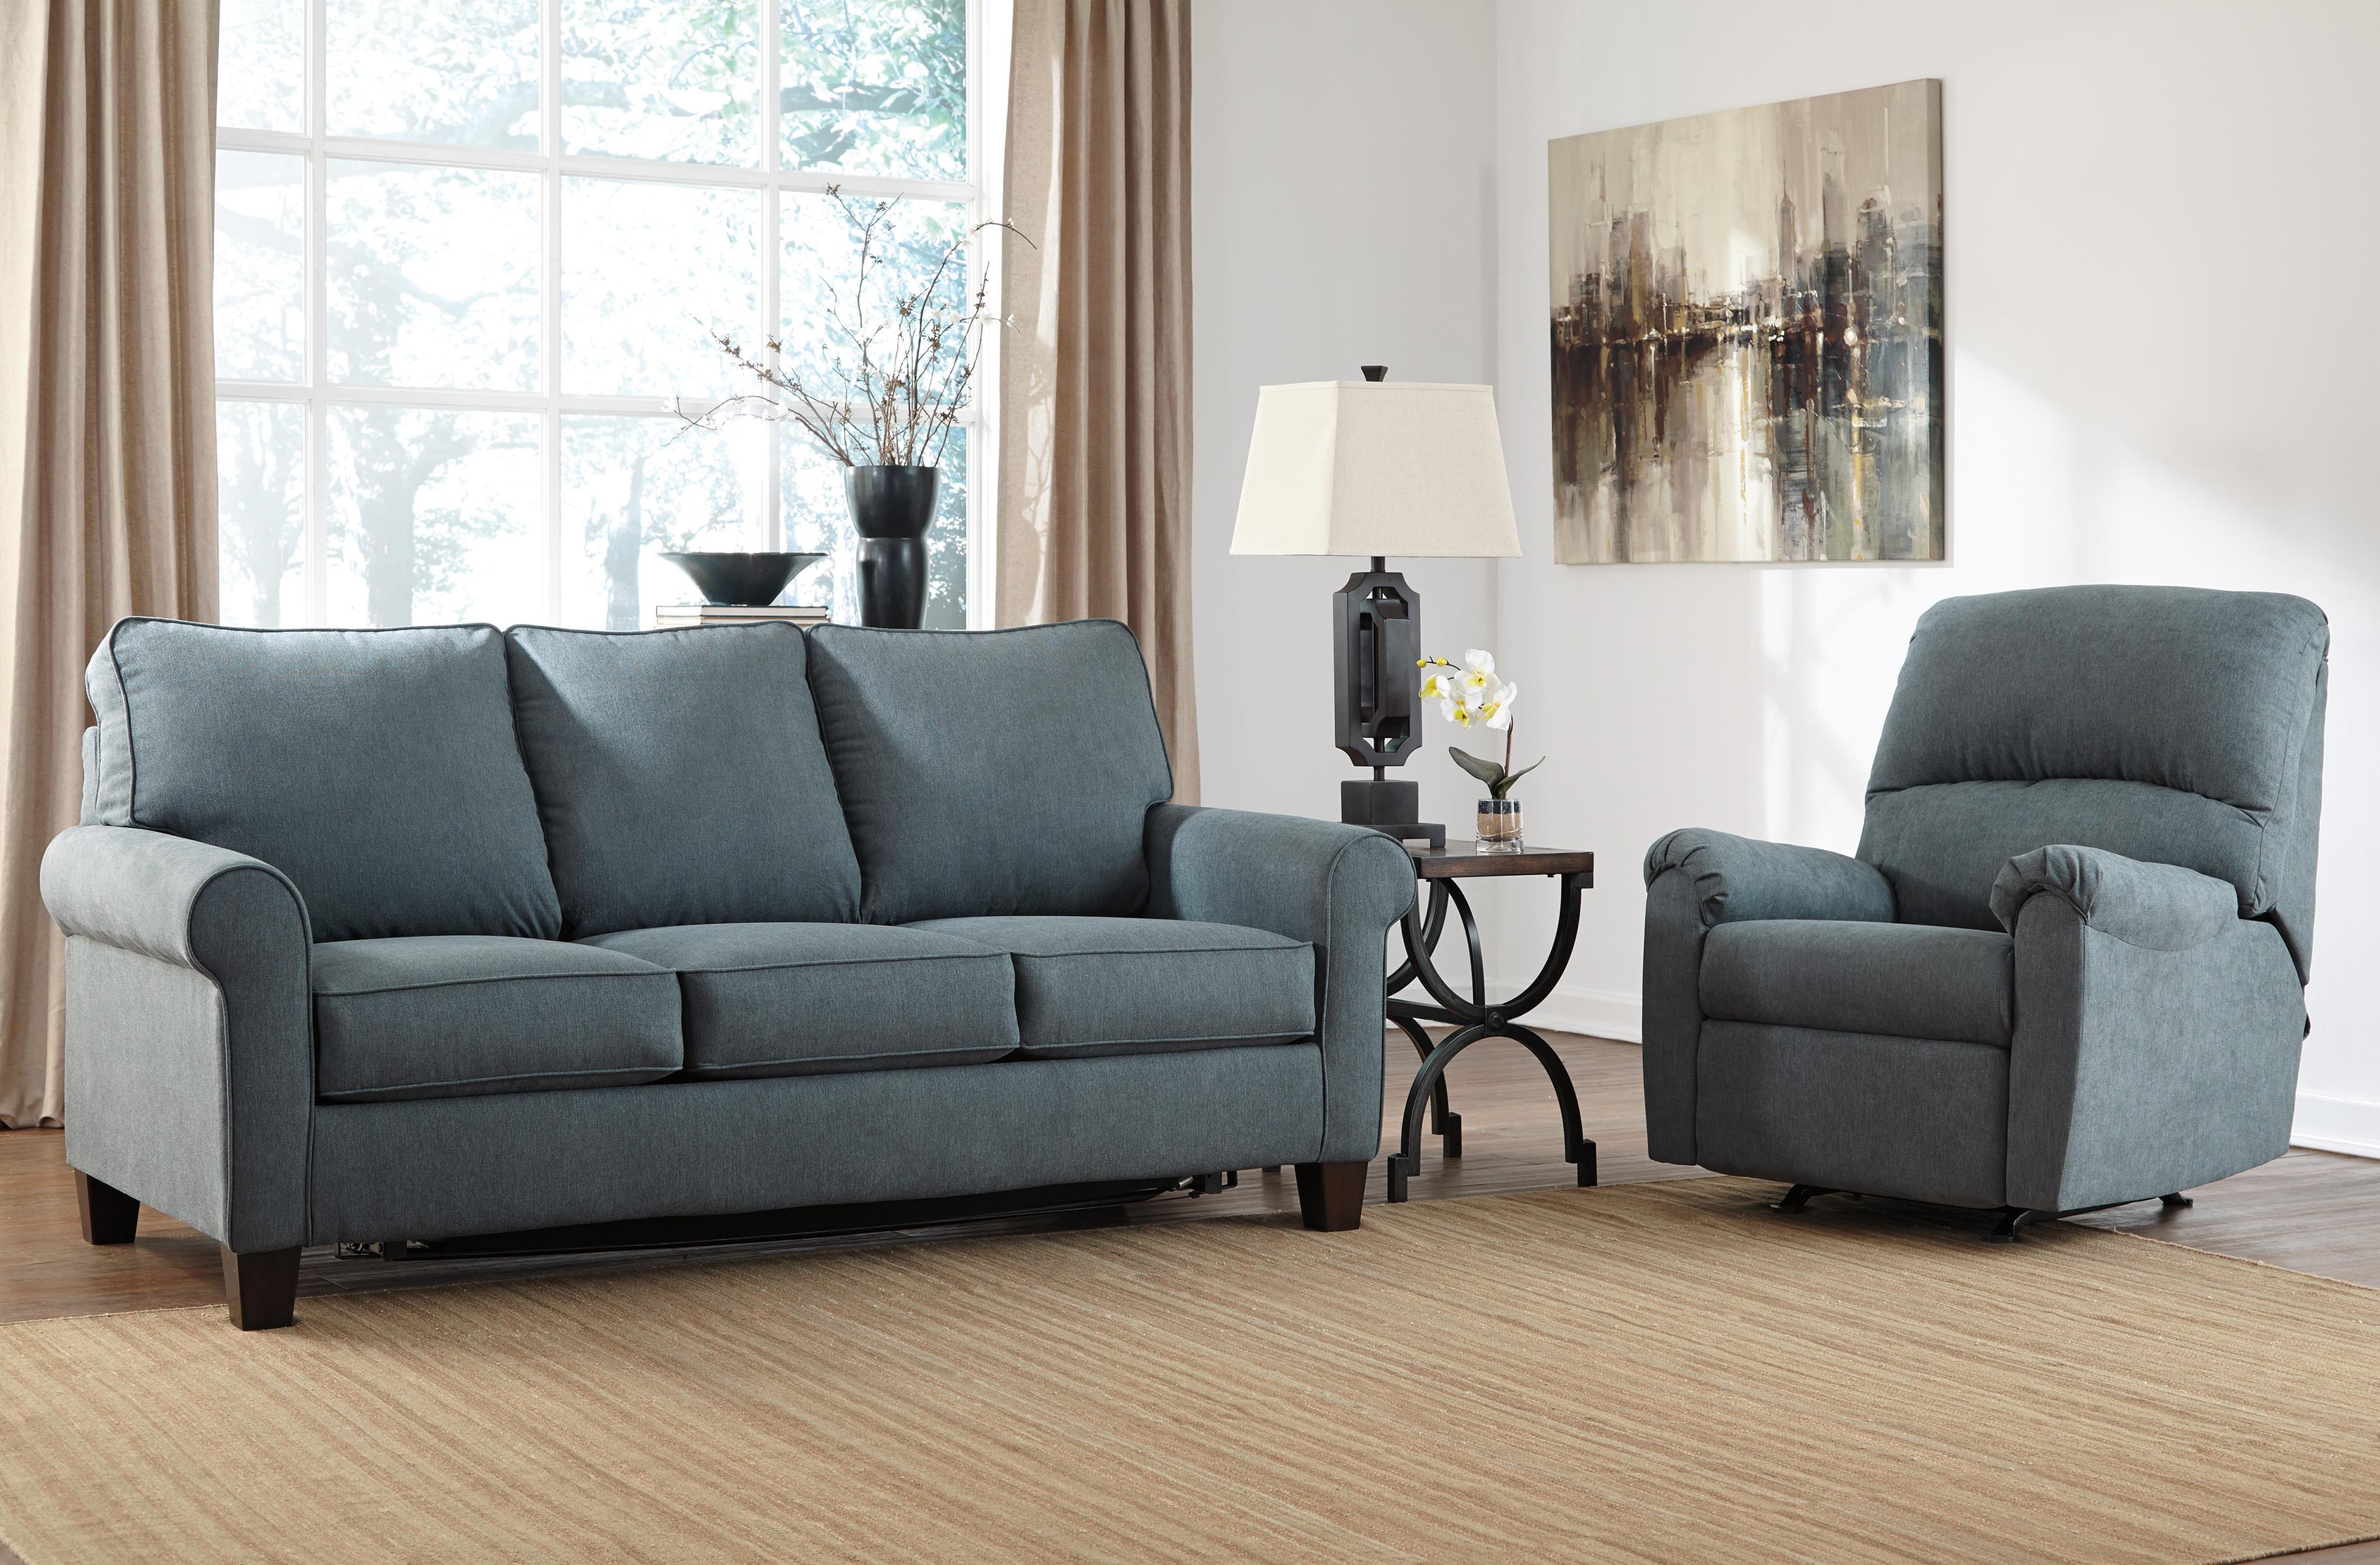 denim stationary living room group item number 27101 living room